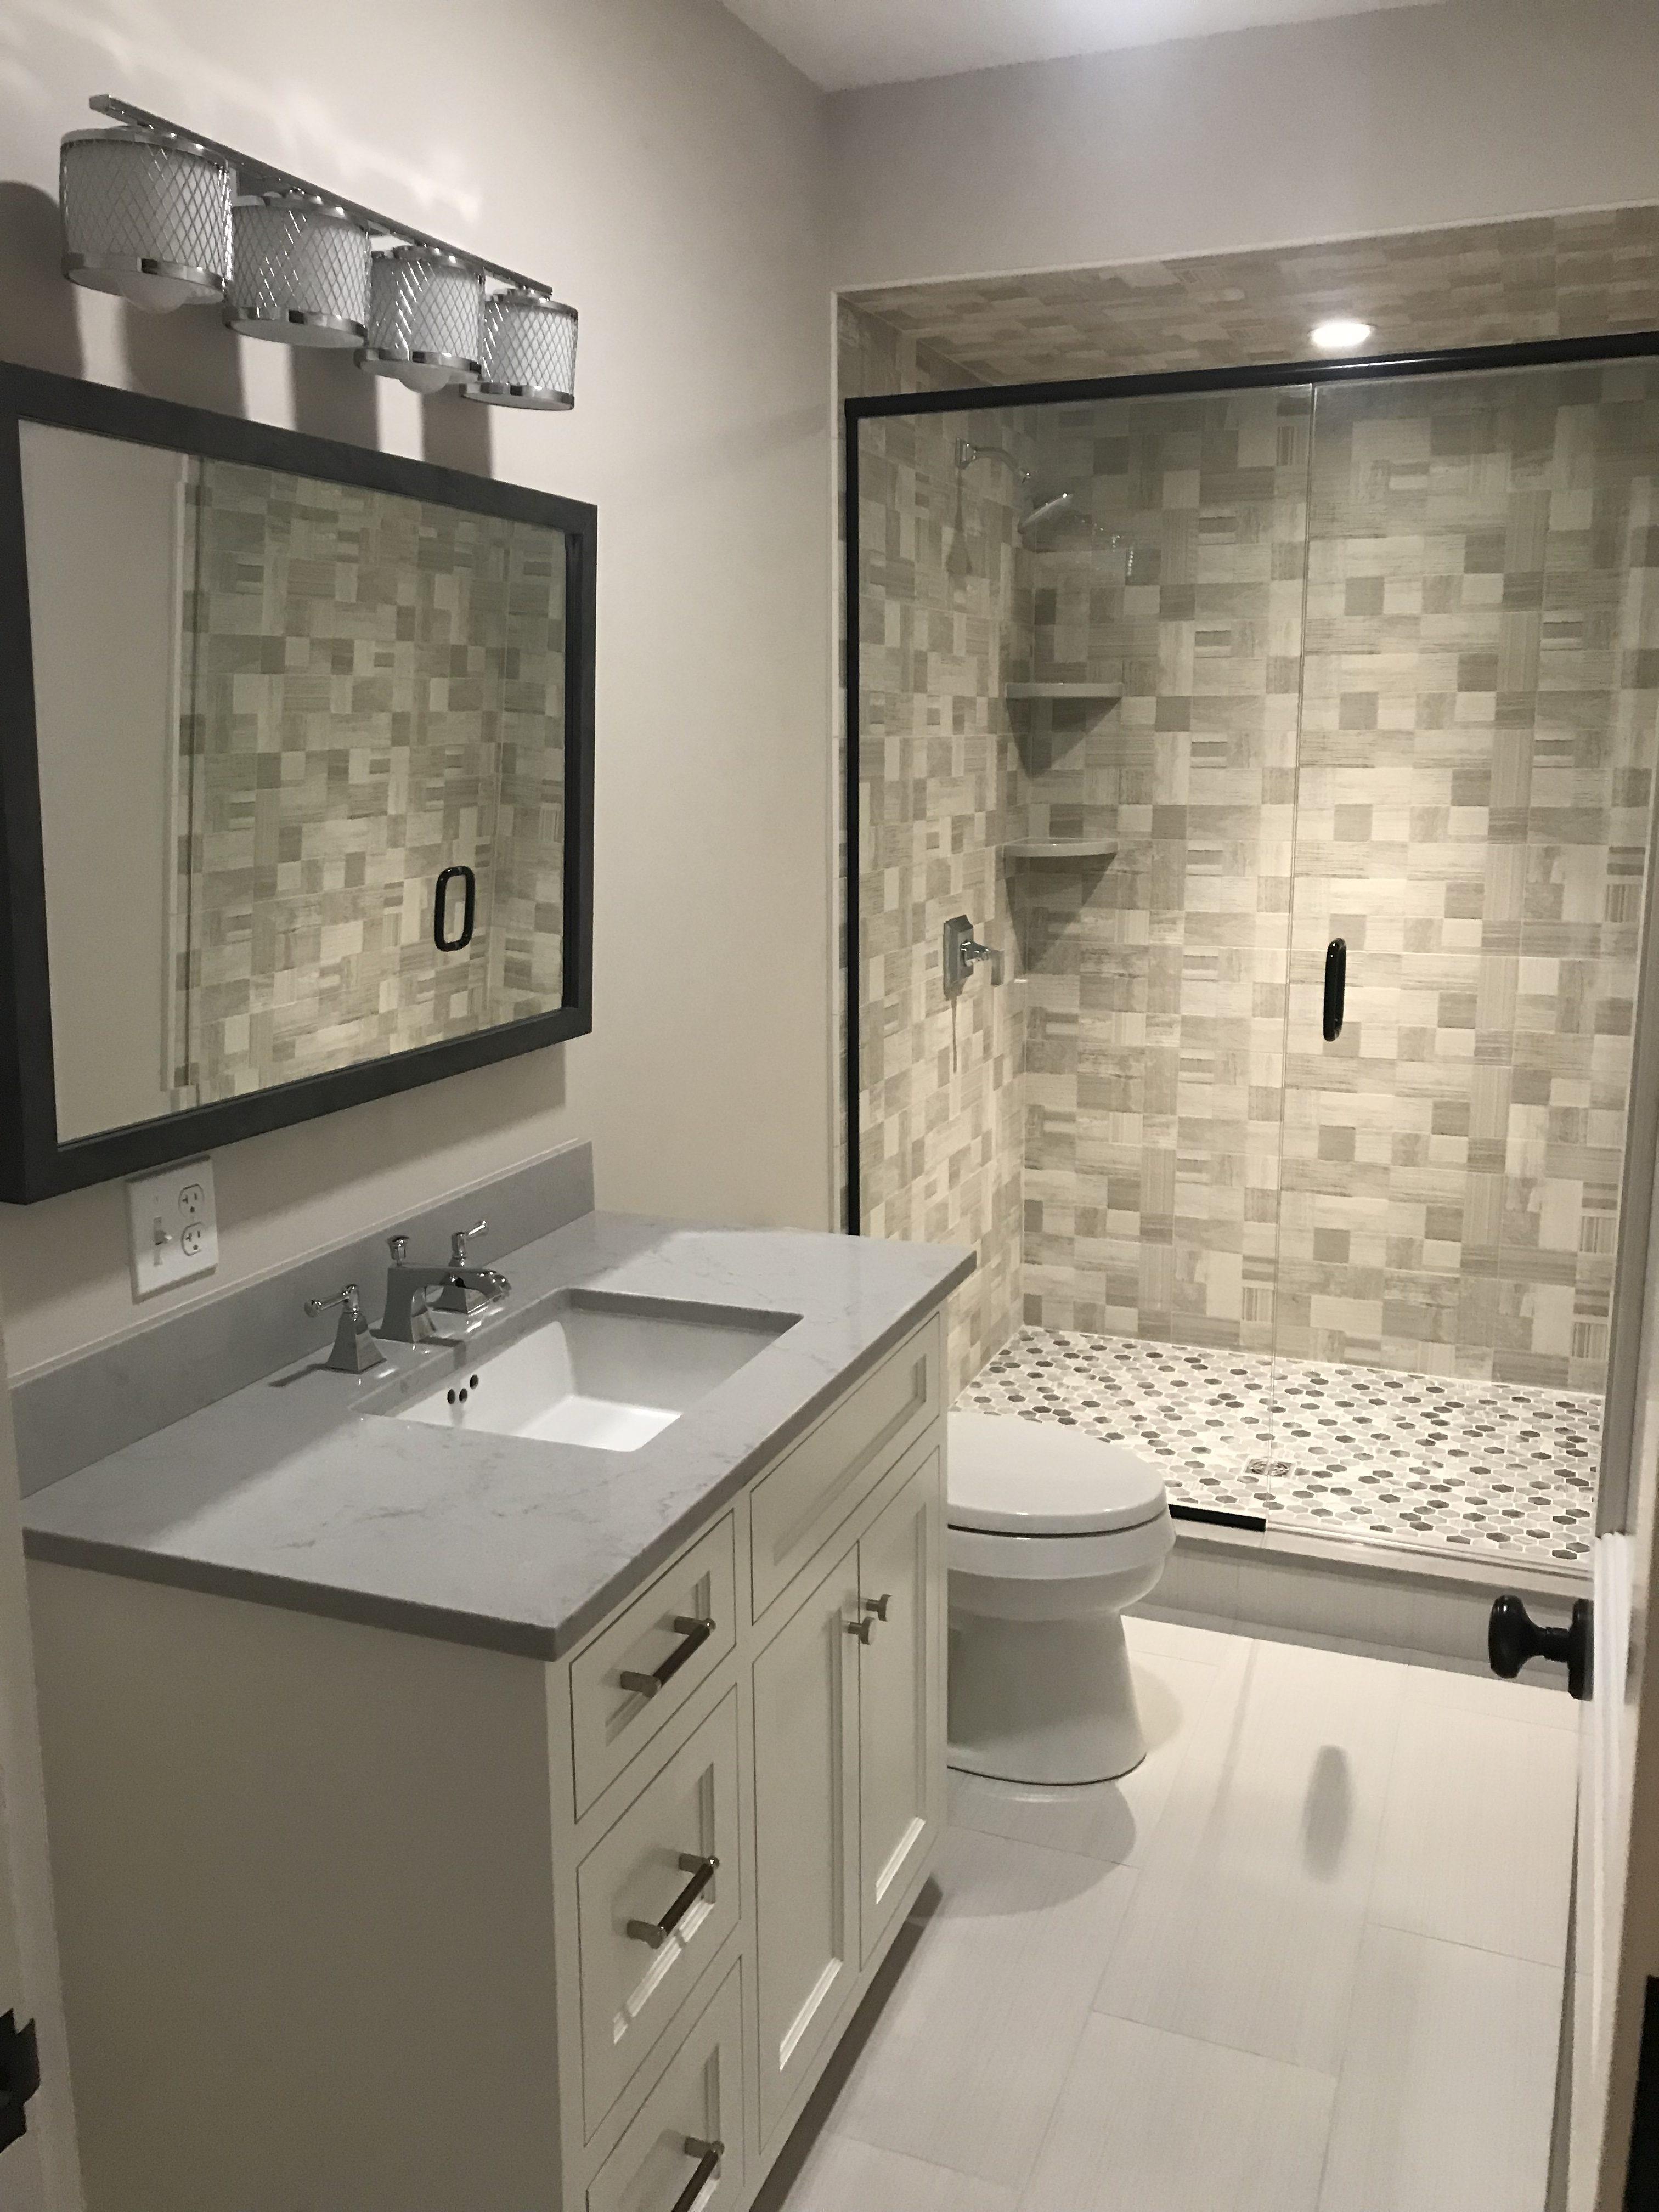 4.6.18 basement ryans bathroom shower, tile (1)